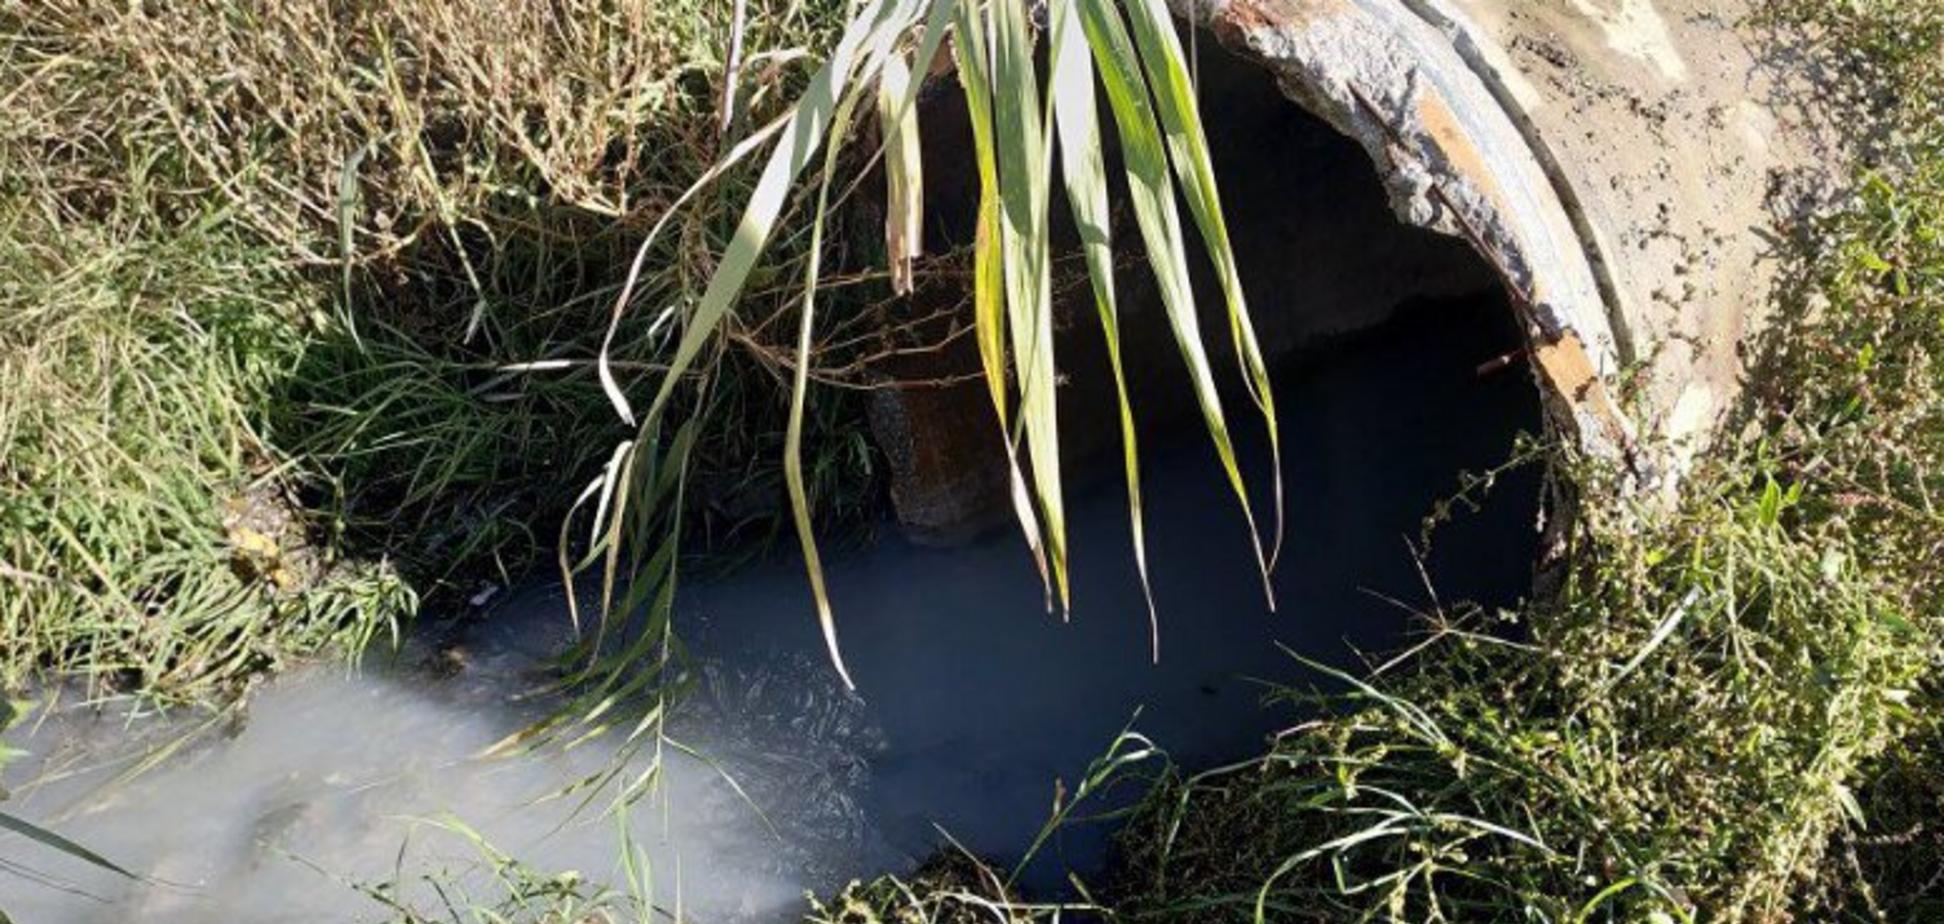 Зливають л*йно: в Криму окупанти влаштували нову екокатастрофу